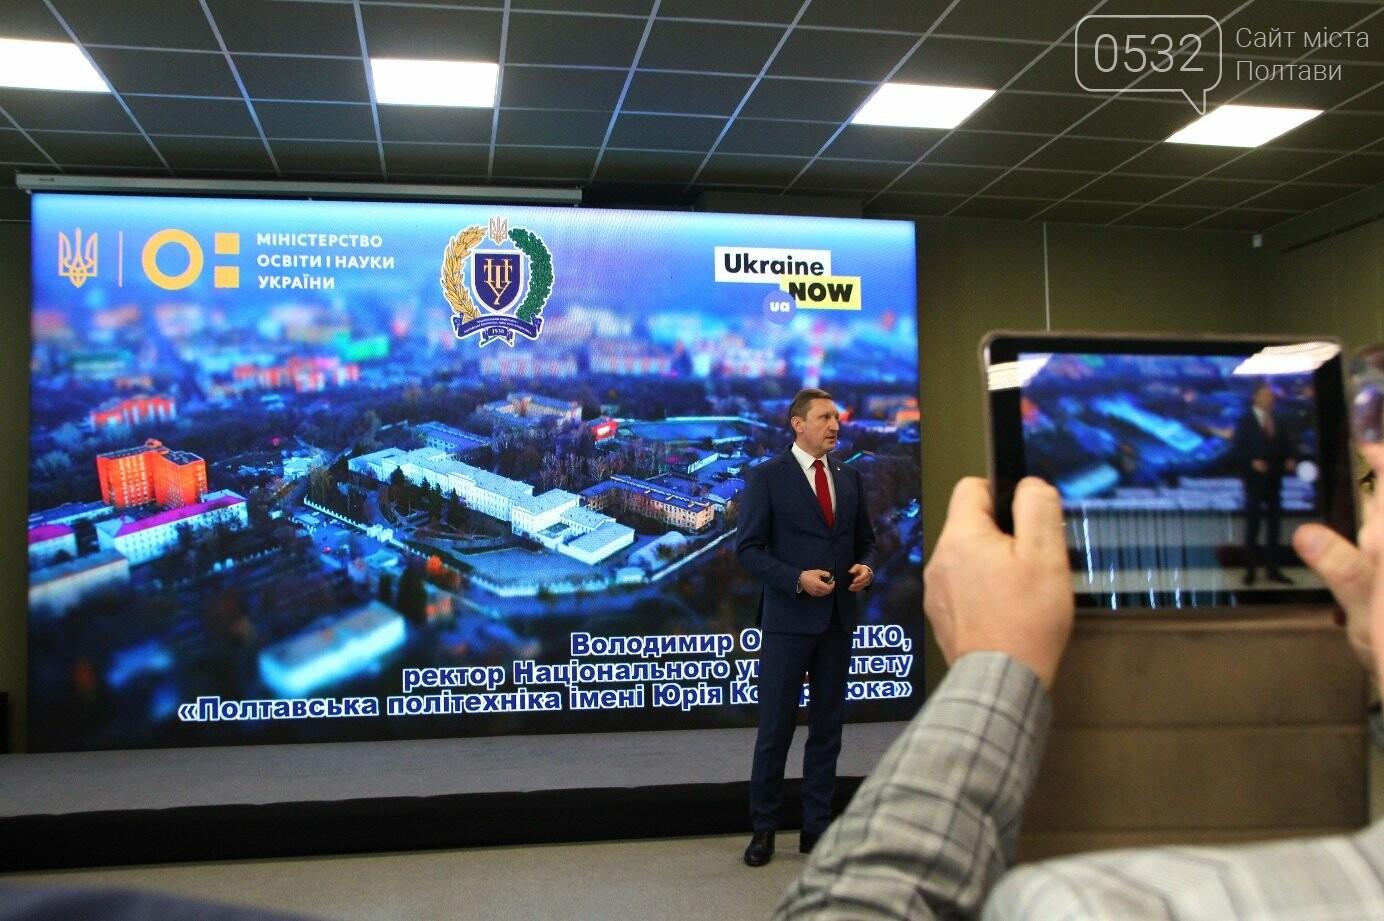 Полтавський національний технічний університет імені Юрія Кондратюка став «Полтавською політехнікою», фото-12